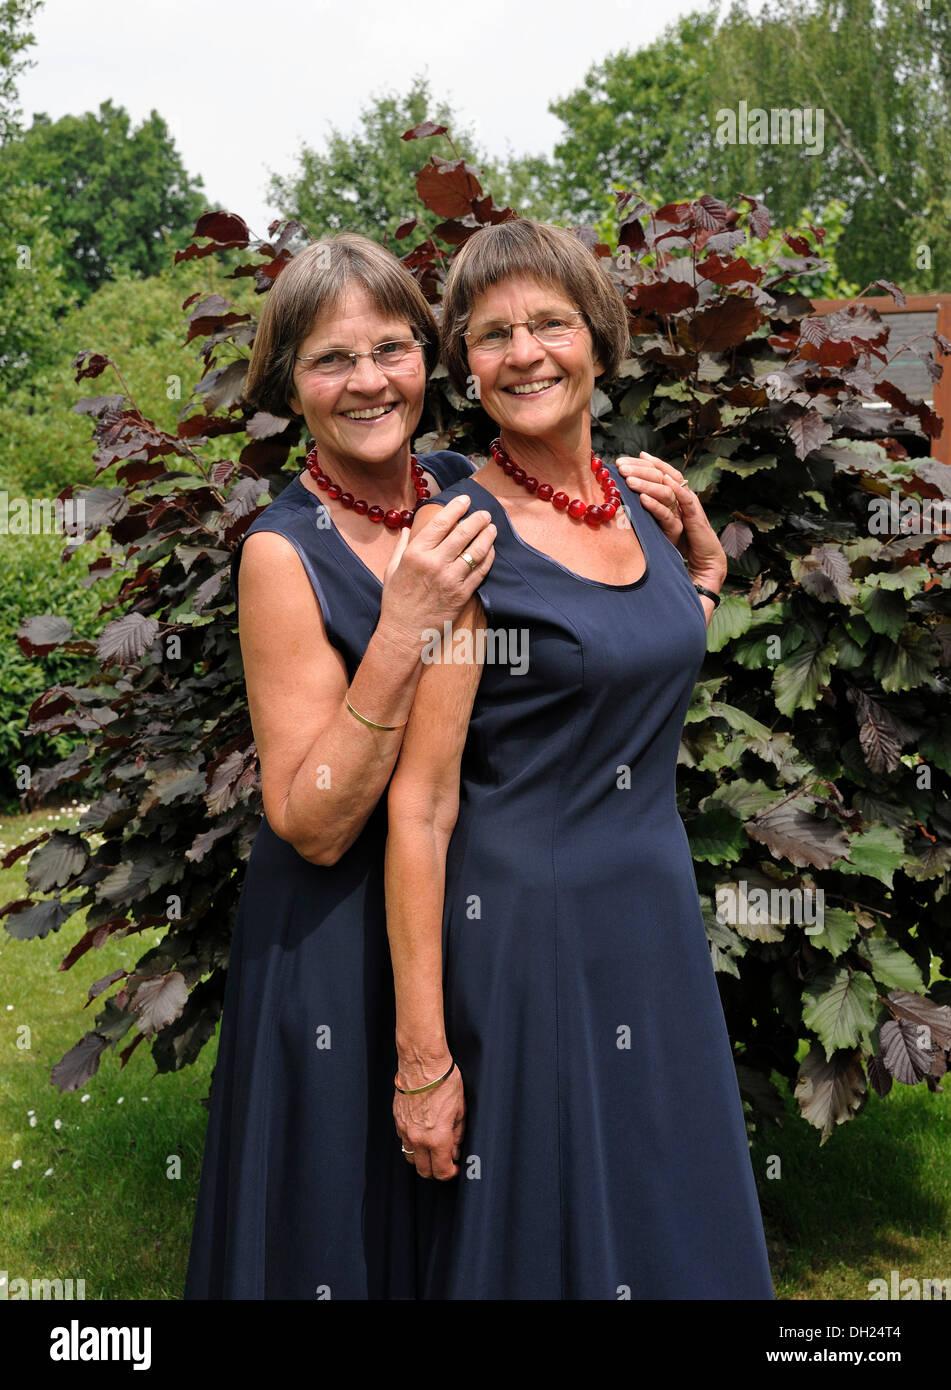 Charmant Gekleidet Ausgezogen Prom Fotos - Hochzeit Kleid Stile ...